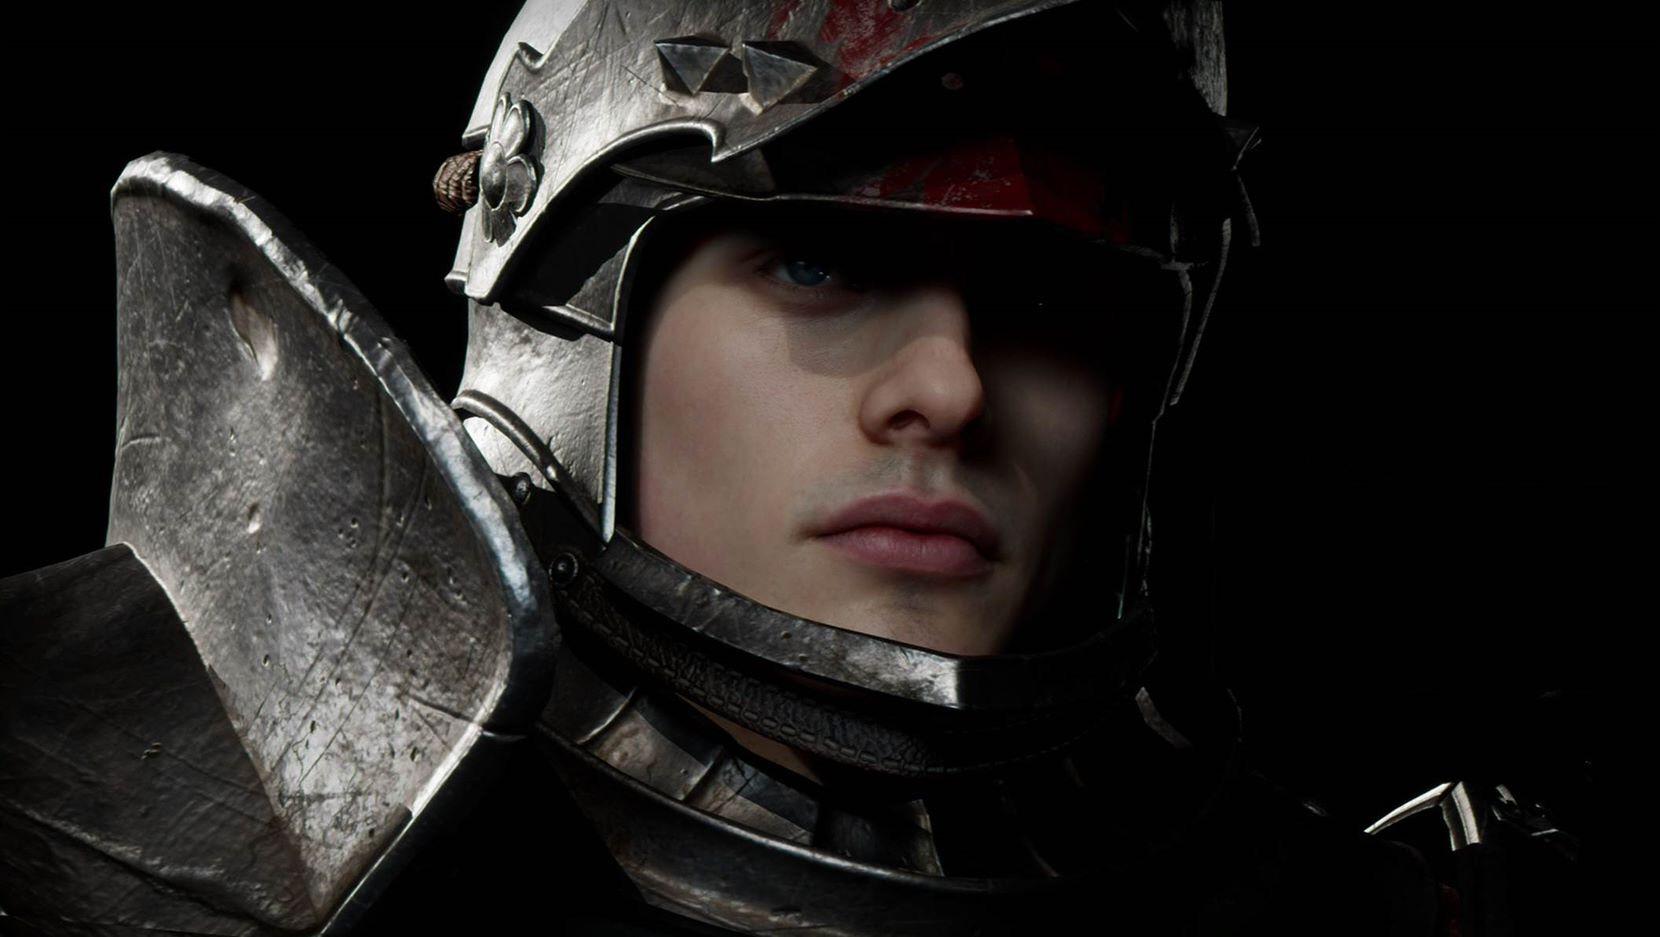 Untitled-MMORPG-from-Nexon-teaser-image_1_.jpg